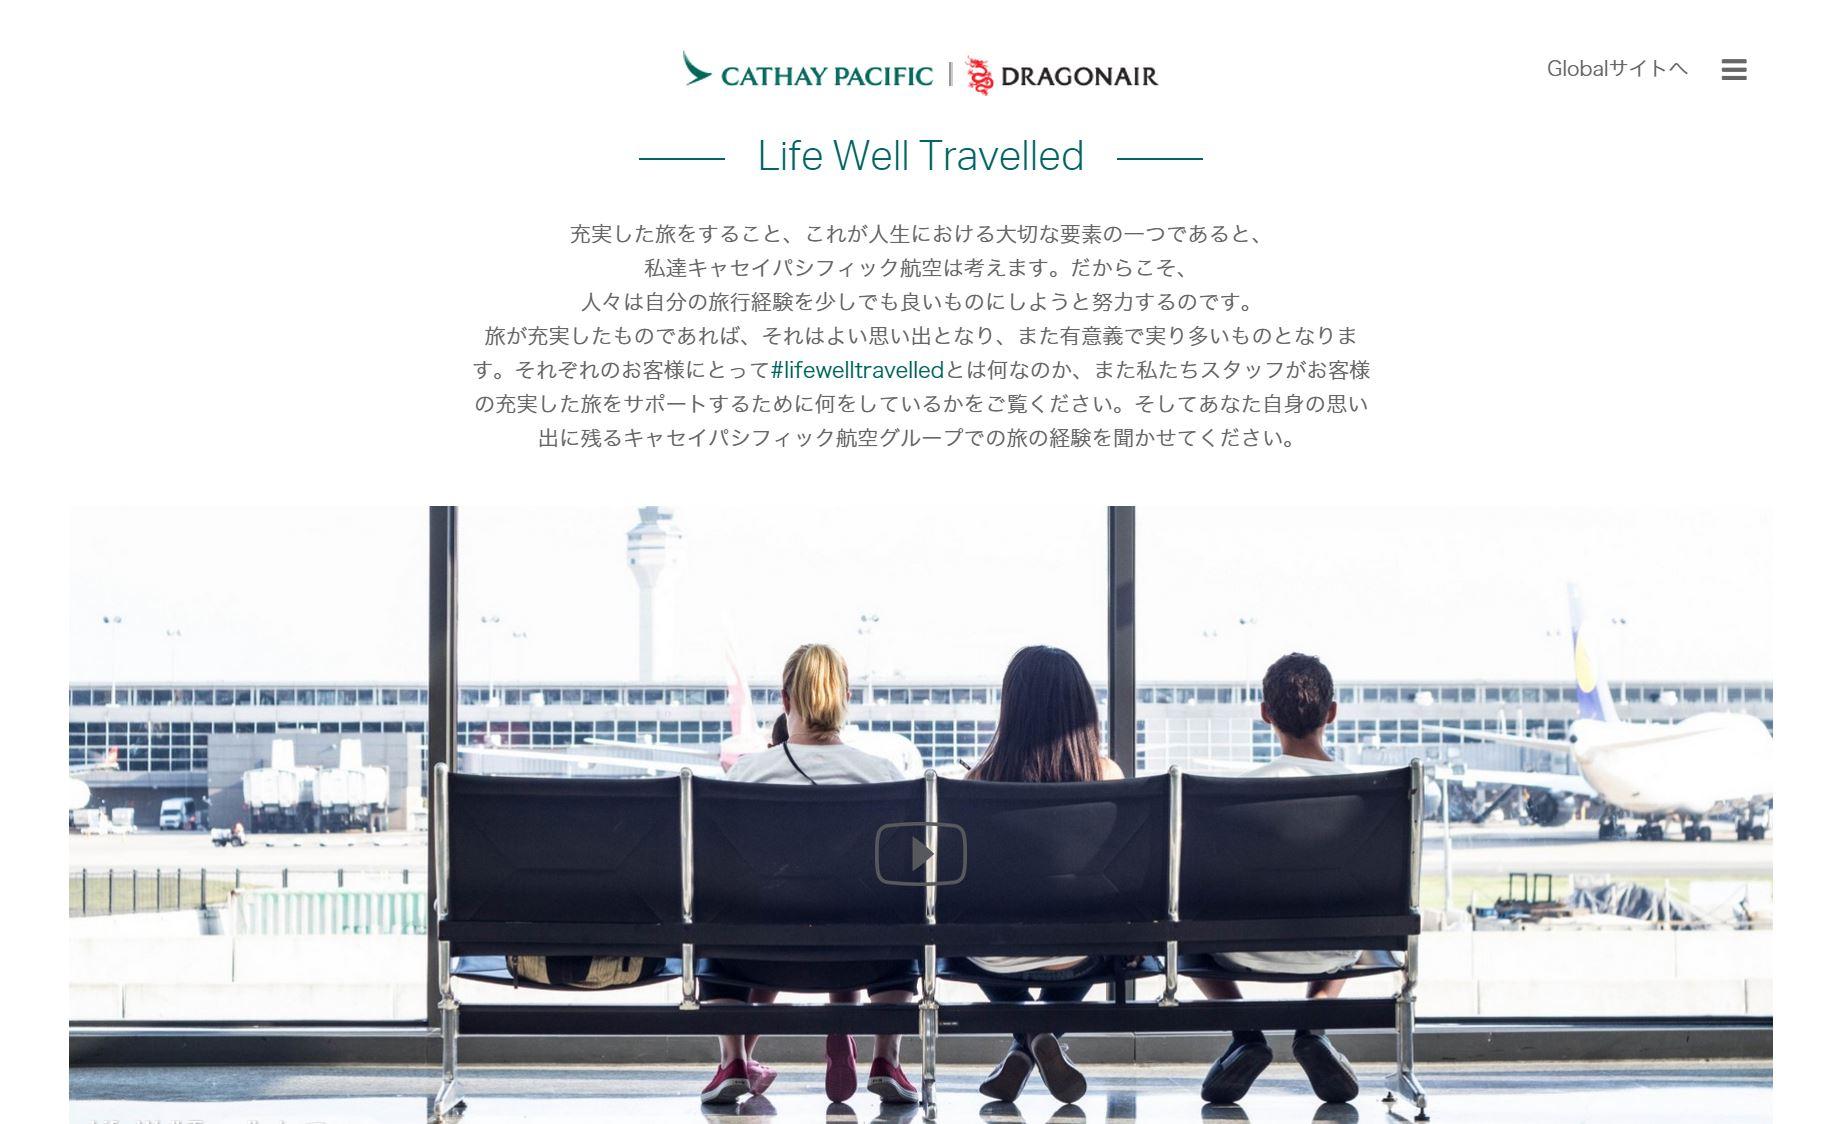 キャセイパシフィック航空、旅行者が投稿する写真ギャラリーなどで新ブランドキャンペーン